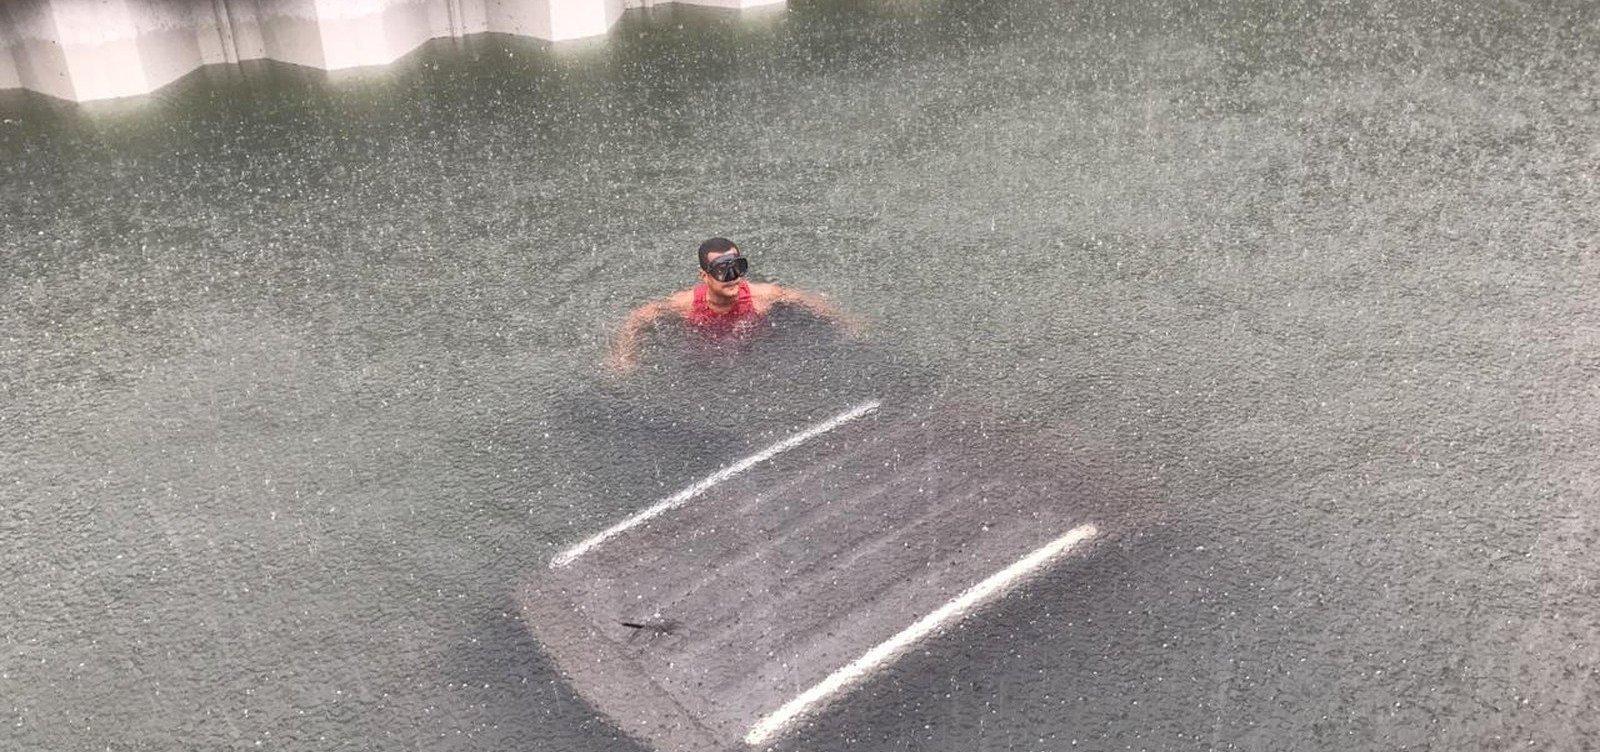 Crivella decreta estado de calamidade pública no Rio de Janeiro após temporal